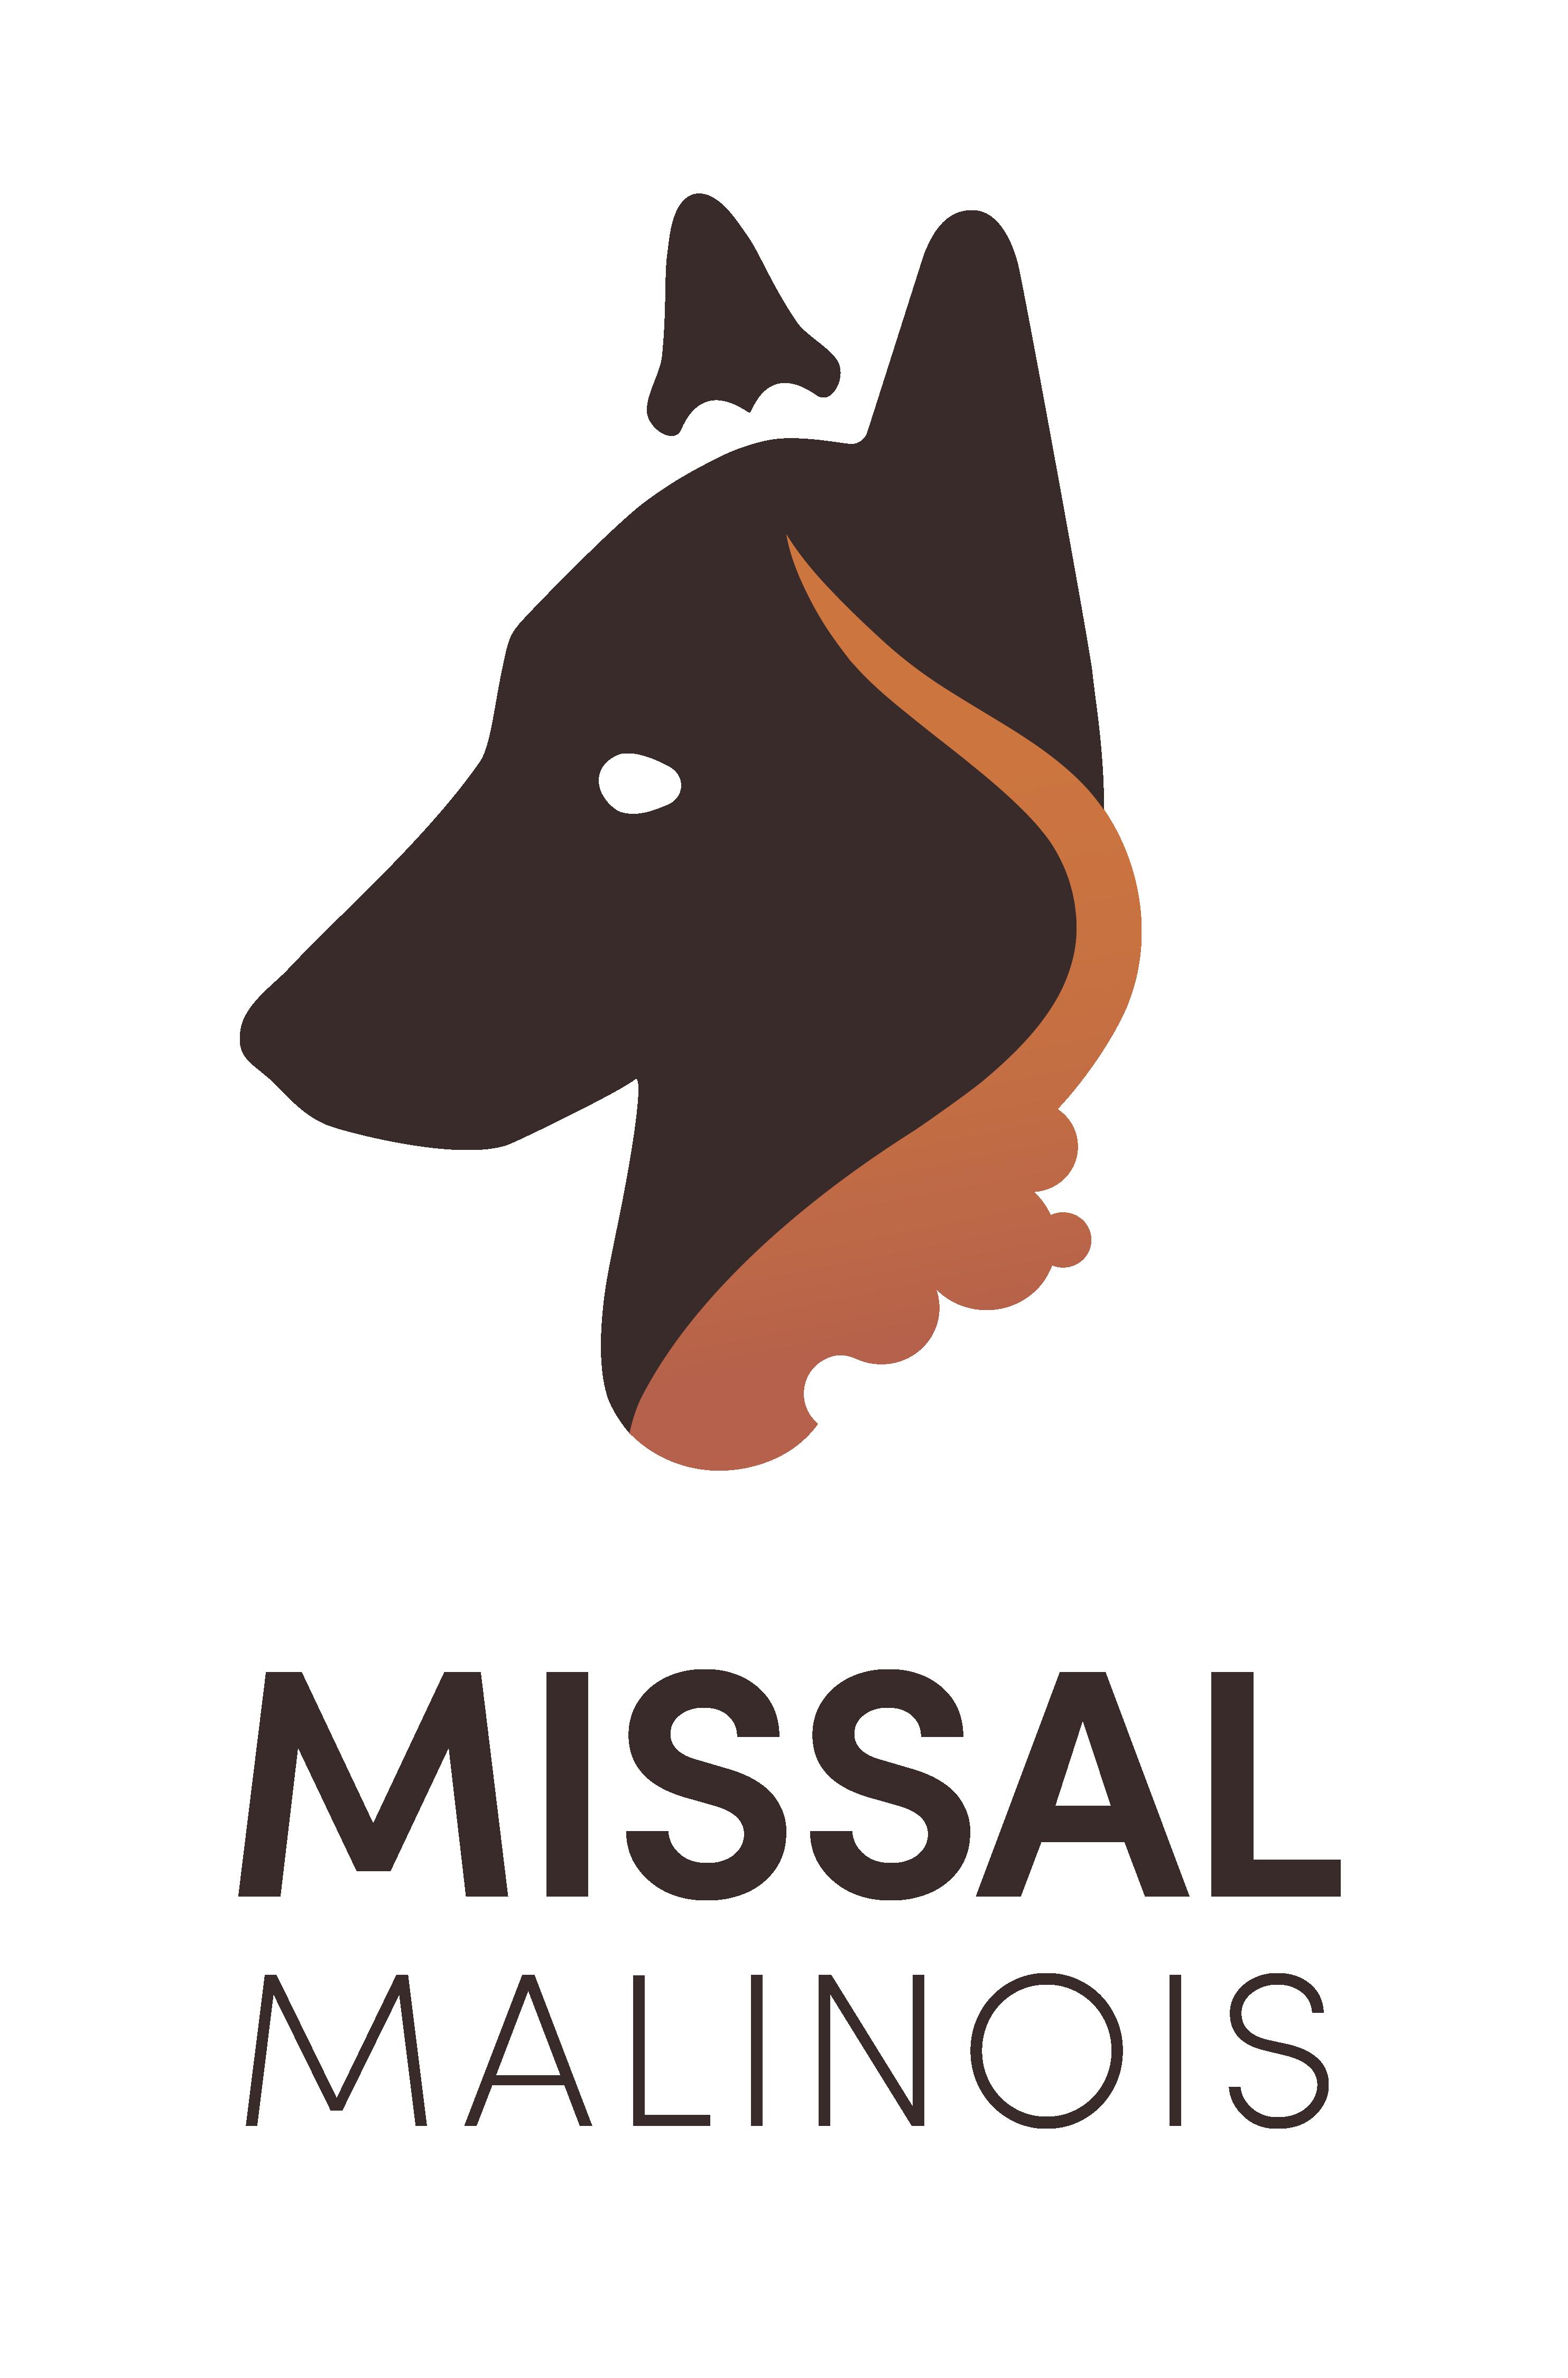 Missal Malinois